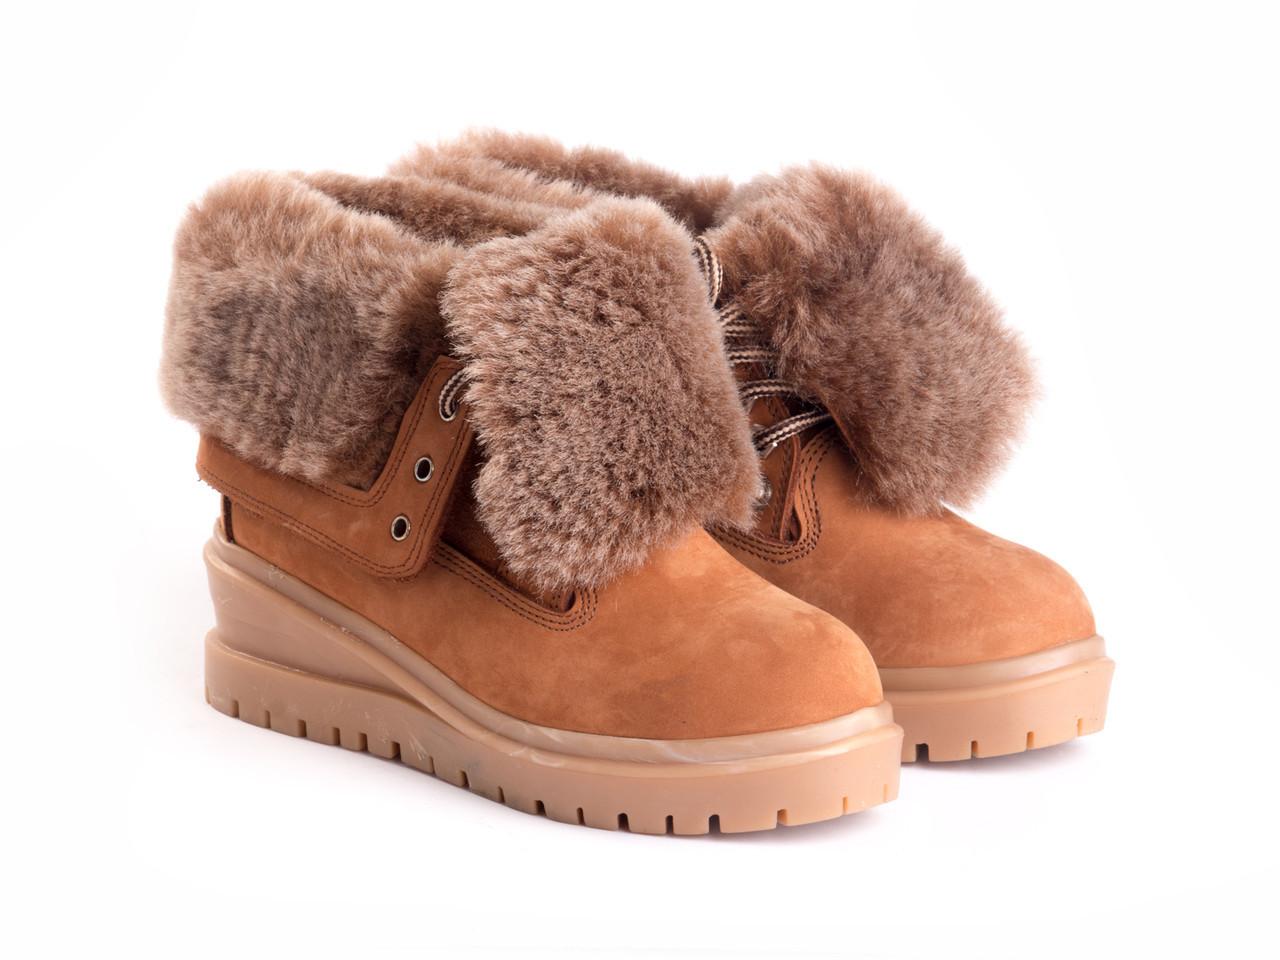 Ботинки Etor 3775-205-742 37 рыжие